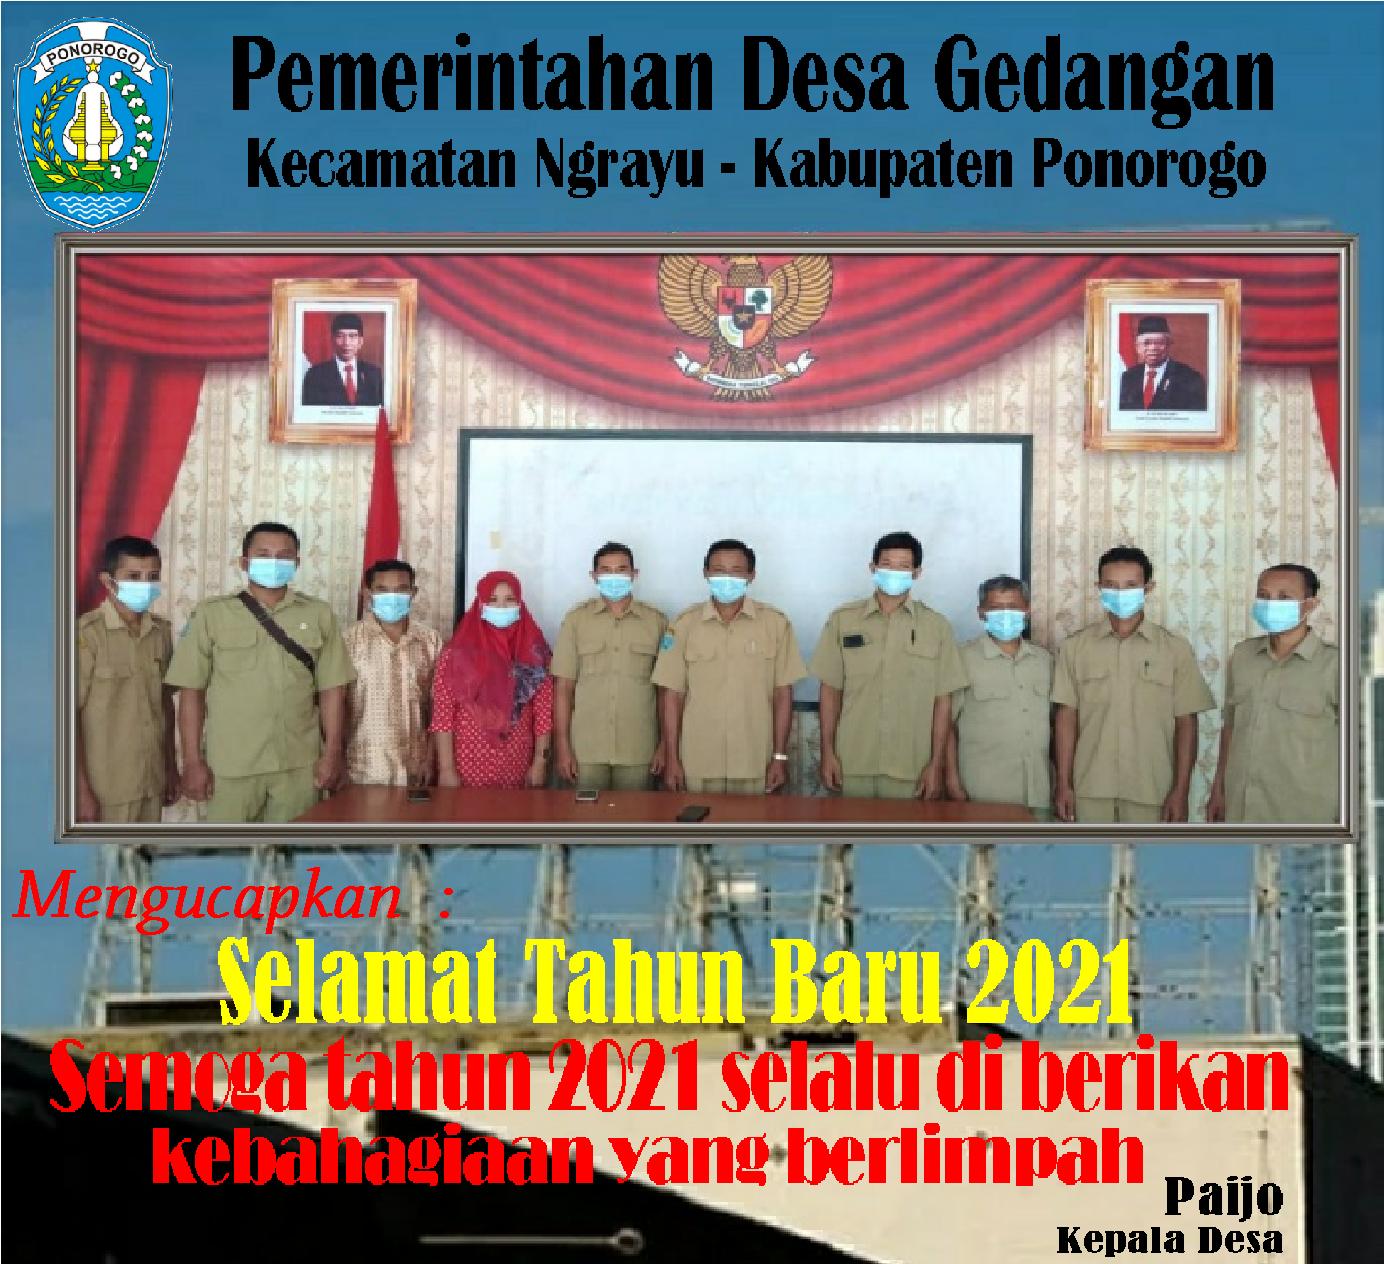 Pemerintahan Desa Gedangan  Kecamatan Ngrayu – Kabupaten Ponorogo  Mengucapkan  : Selamat Tahun Baru 2021